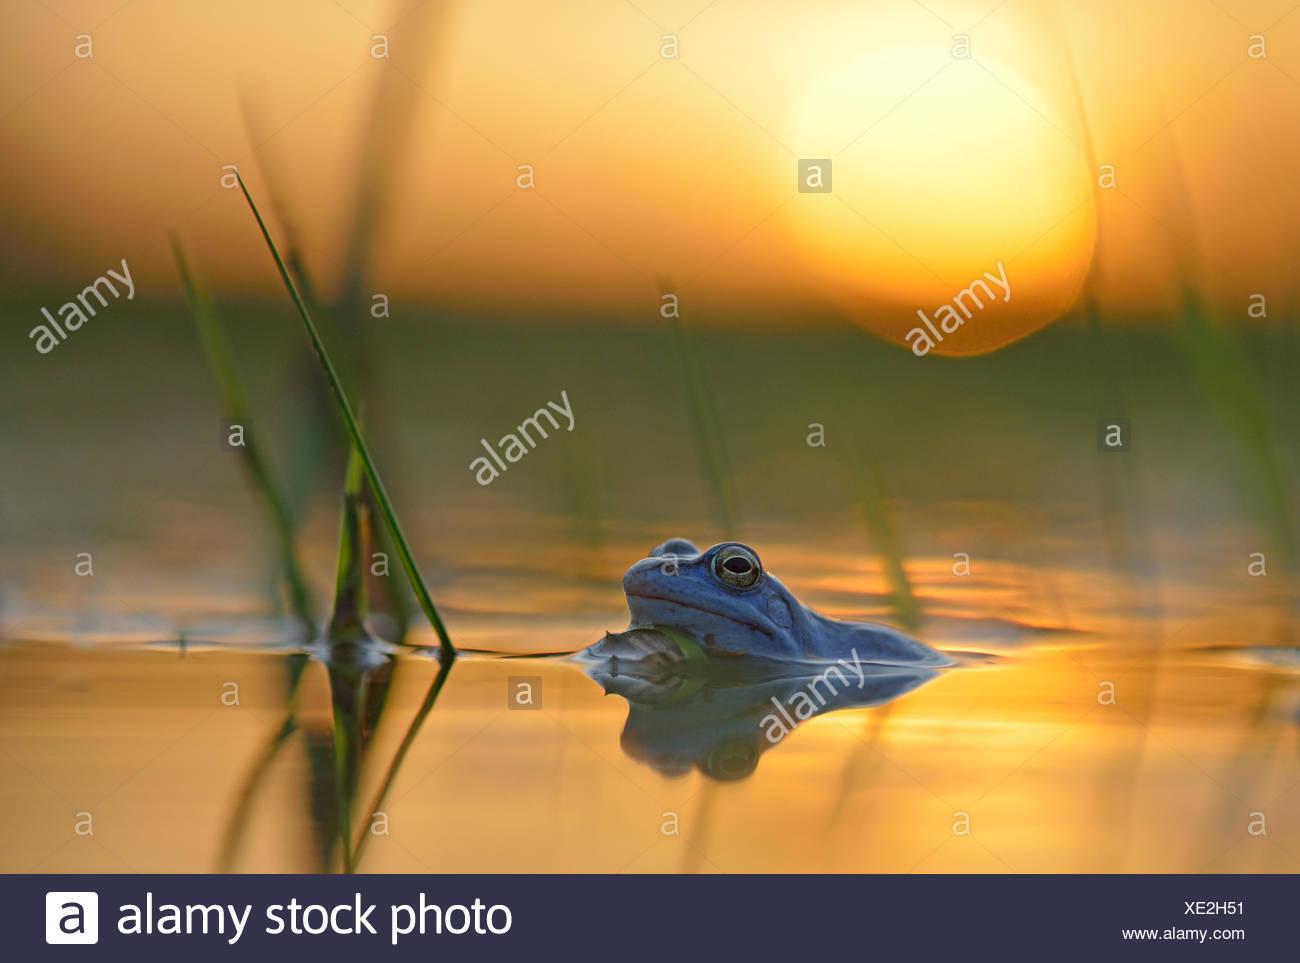 Frosch (Rana Arvalis), blau gefärbten Männchen während der Paarungszeit im Gewässer, Laichzeit festmachen Sonnenuntergang, Elbe, Sachsen-Anhalt, Deutschland Stockbild